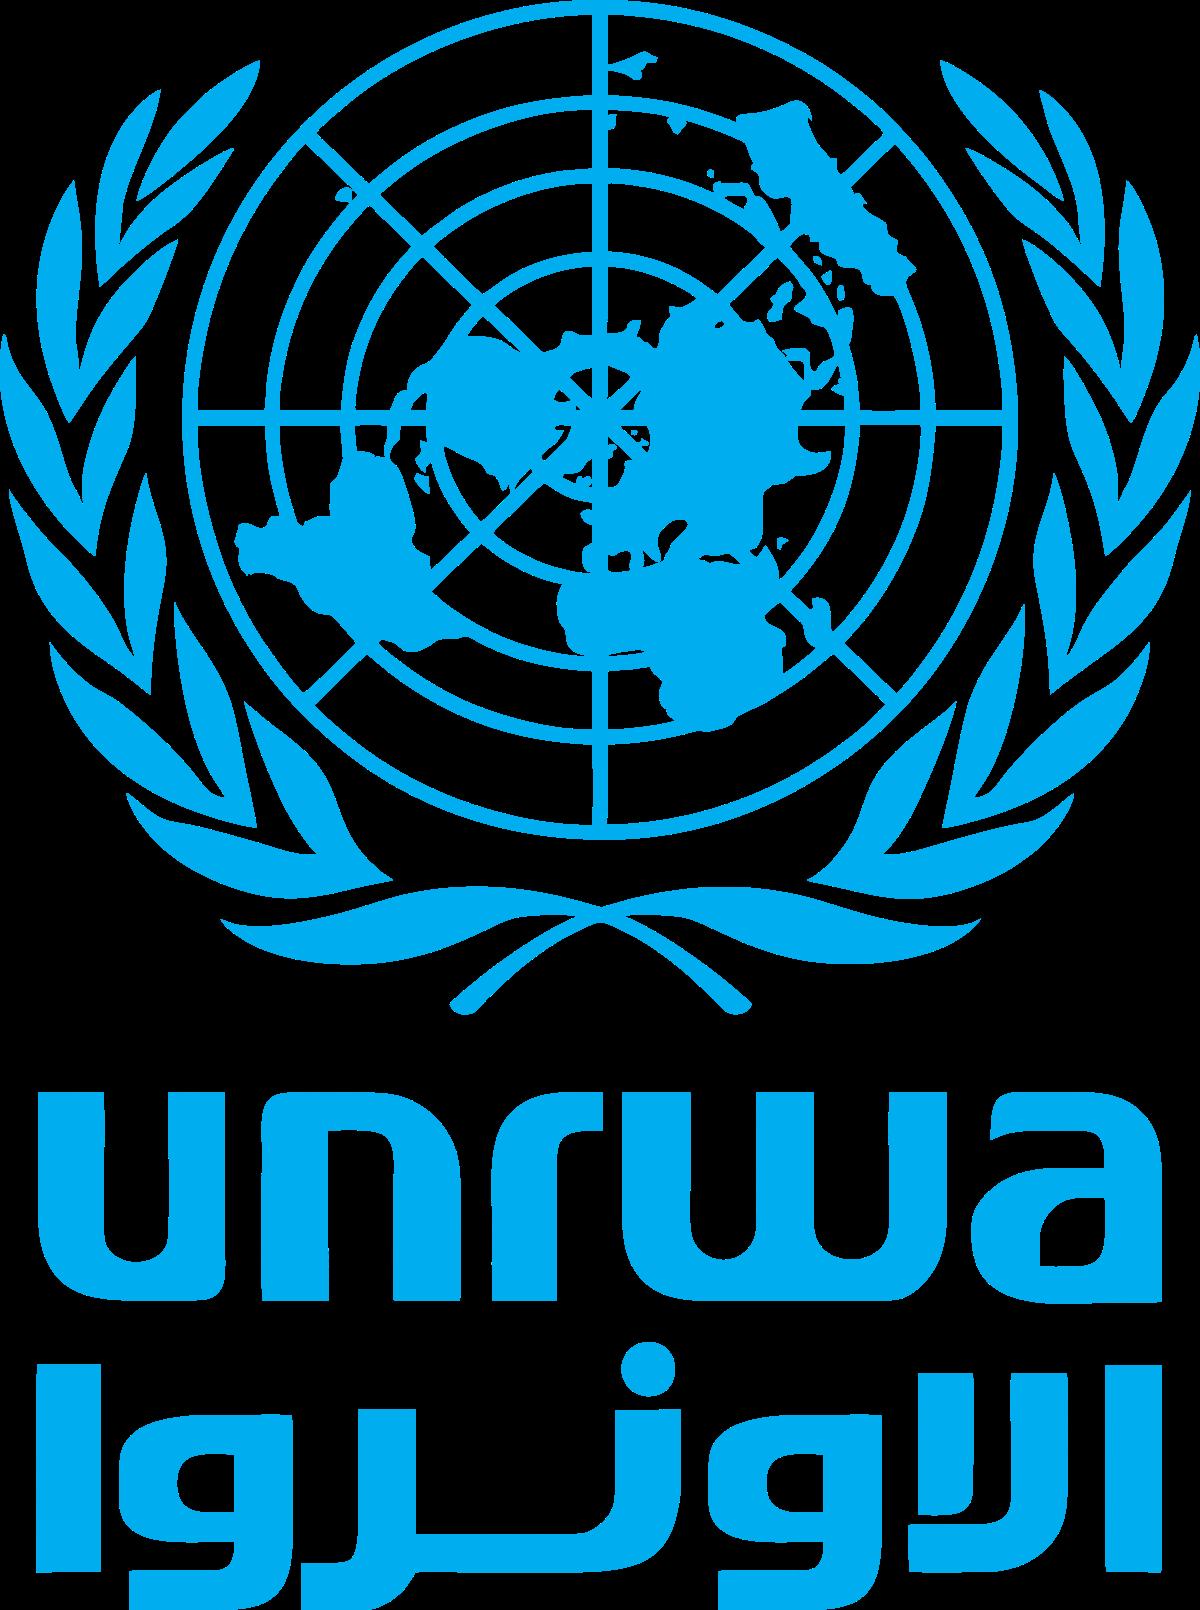 UNRWA.